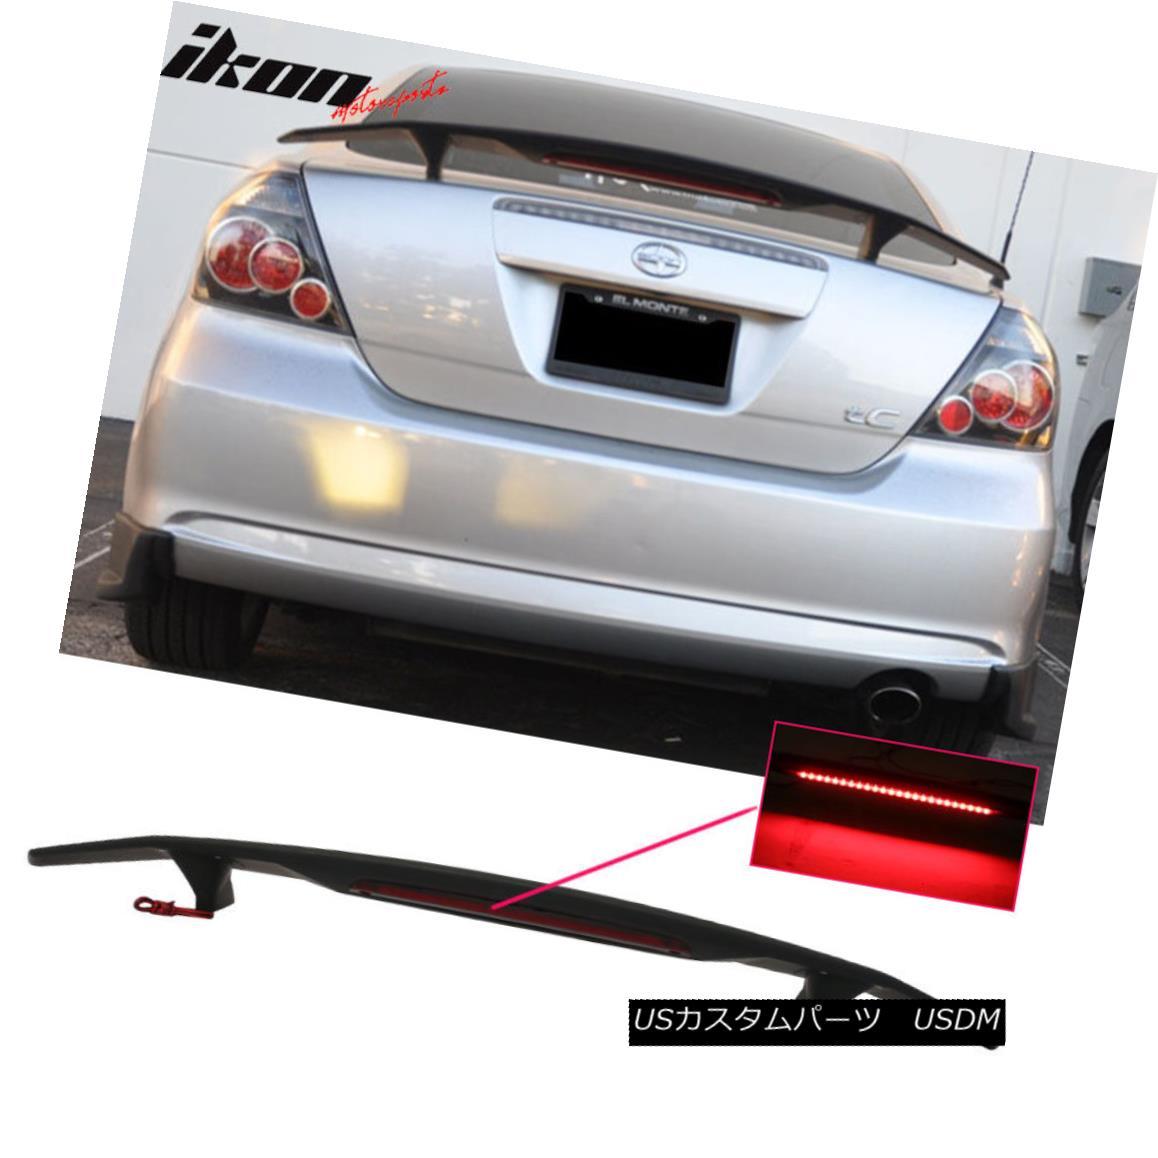 エアロパーツ Fits 05-10 Scion tC Coupe 2Dr Trunk Spoiler Wing & LED Light - Matte Black ABS フィット05-10シオンtCクーペ2Drトランクスポイラーウィング& LEDライト - マットブラックABS